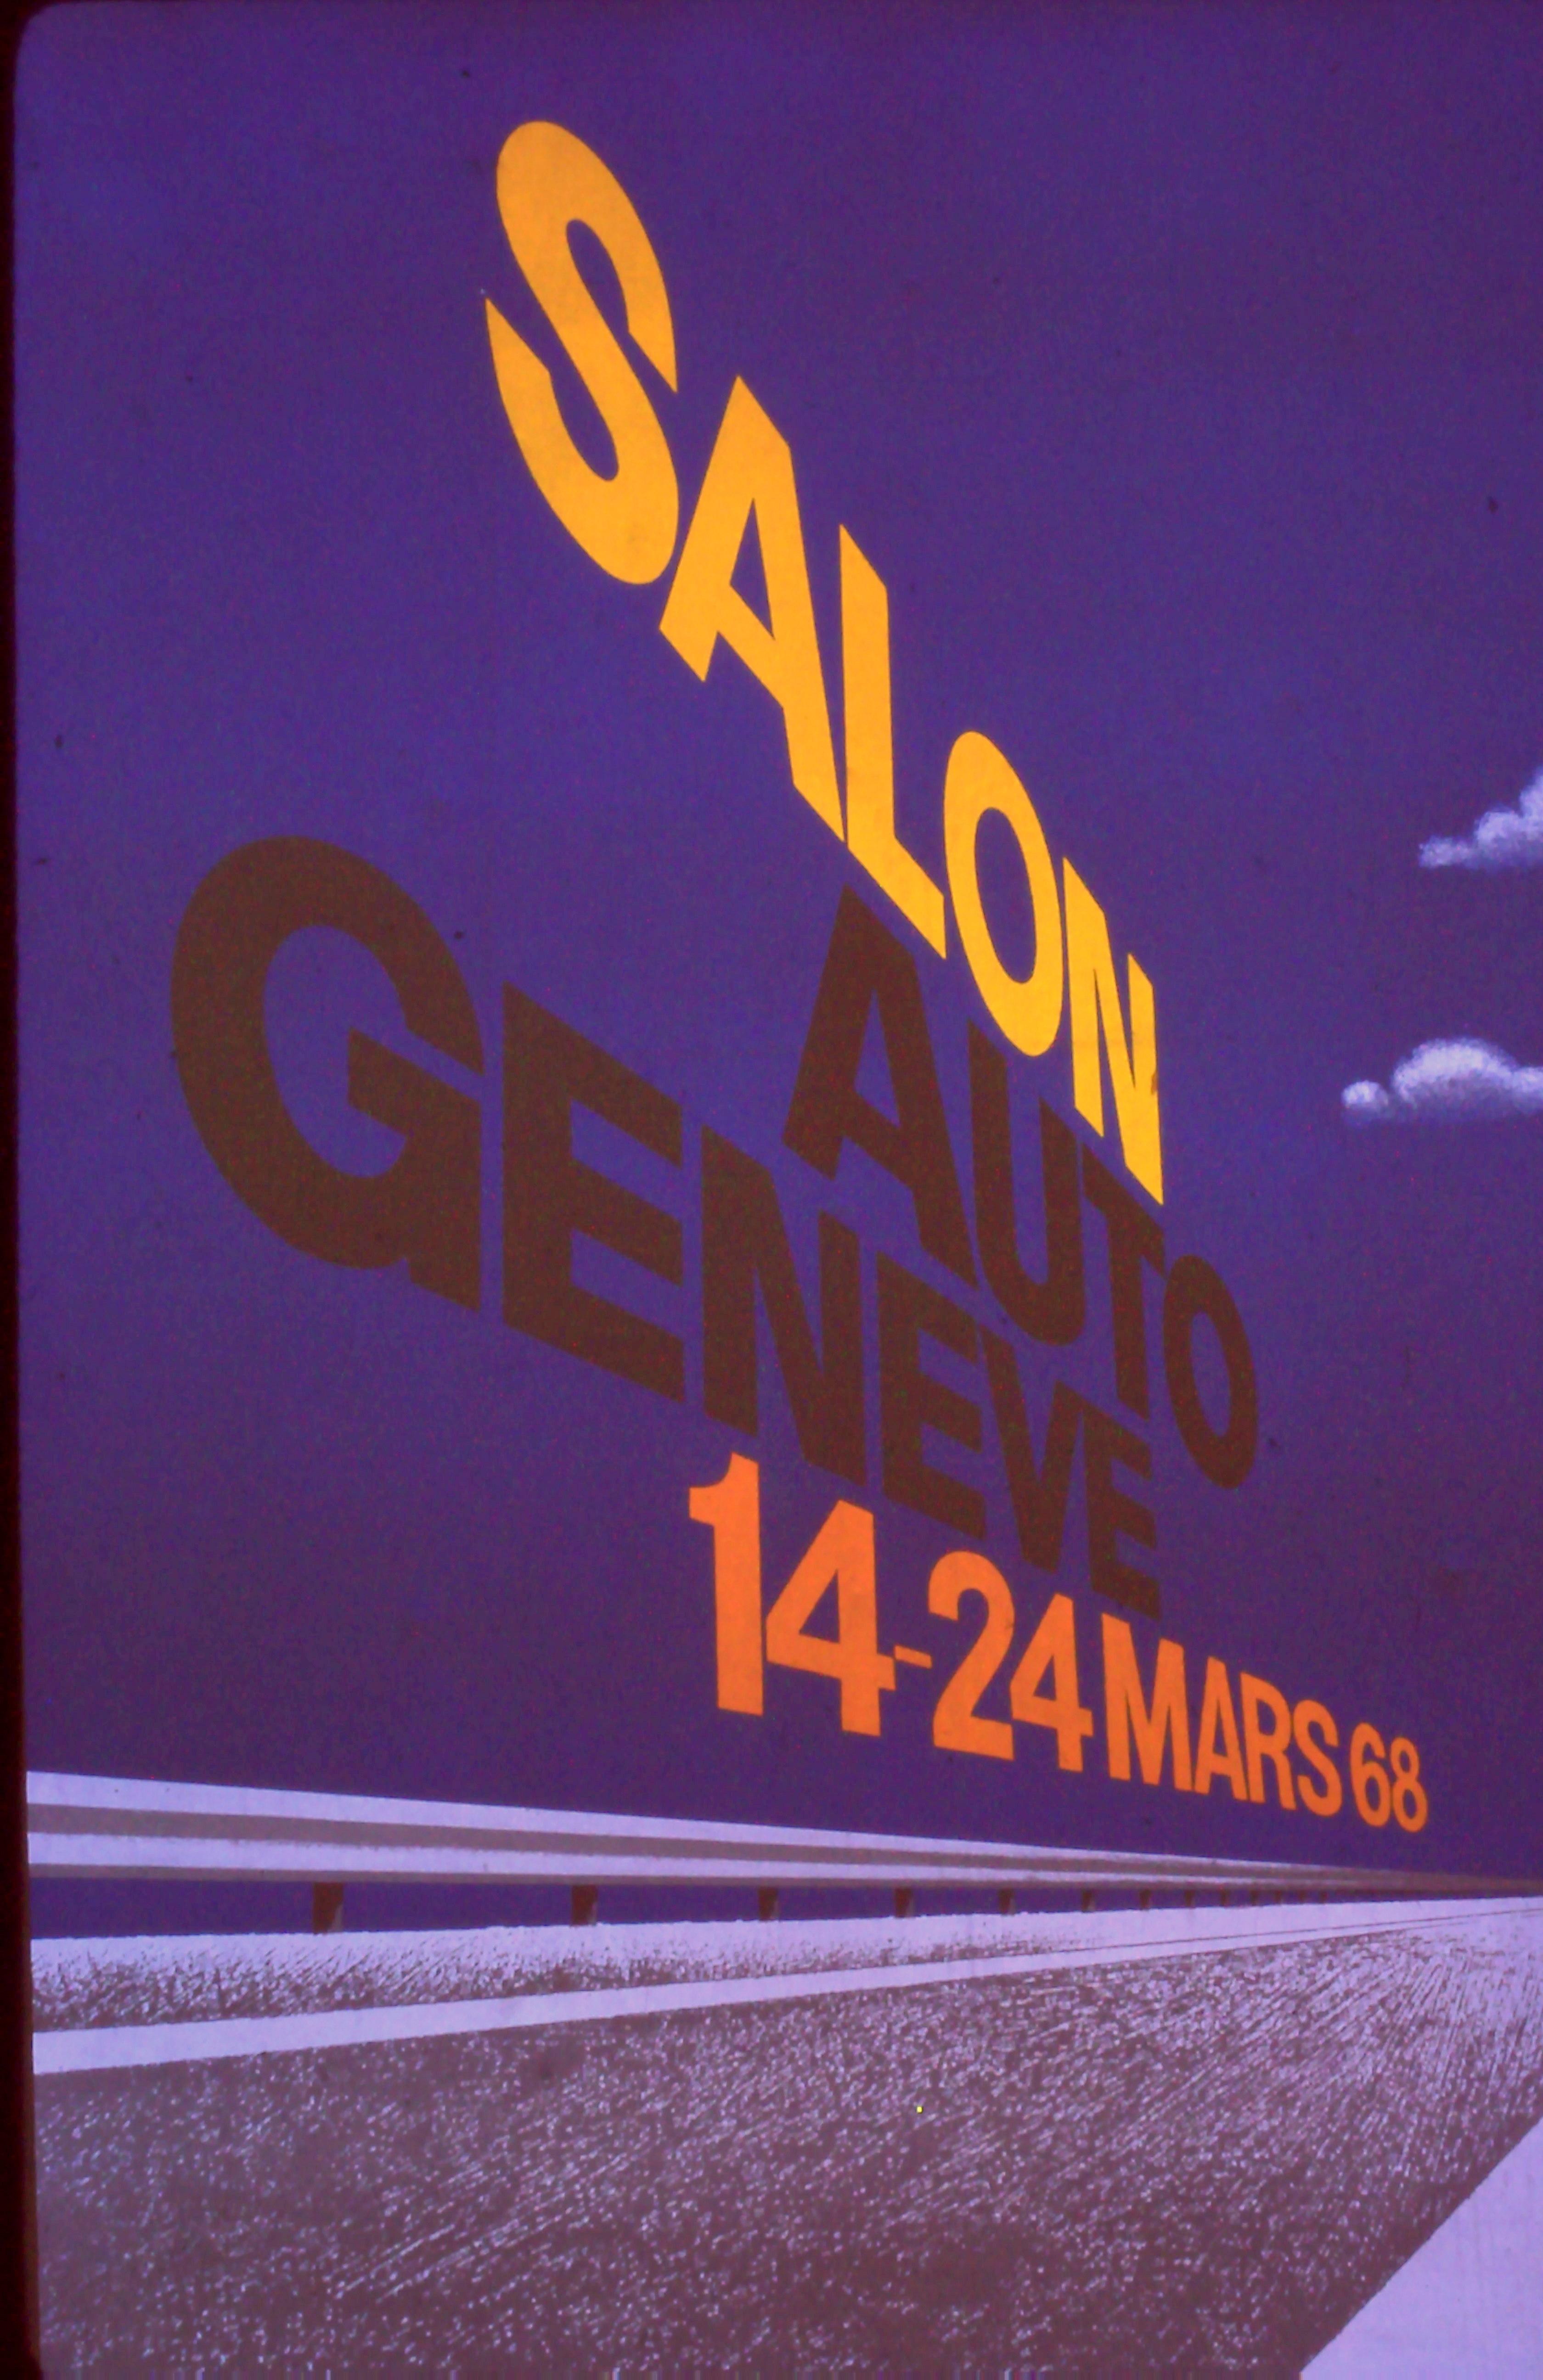 Auto Salon Genève '68 - L'affiche